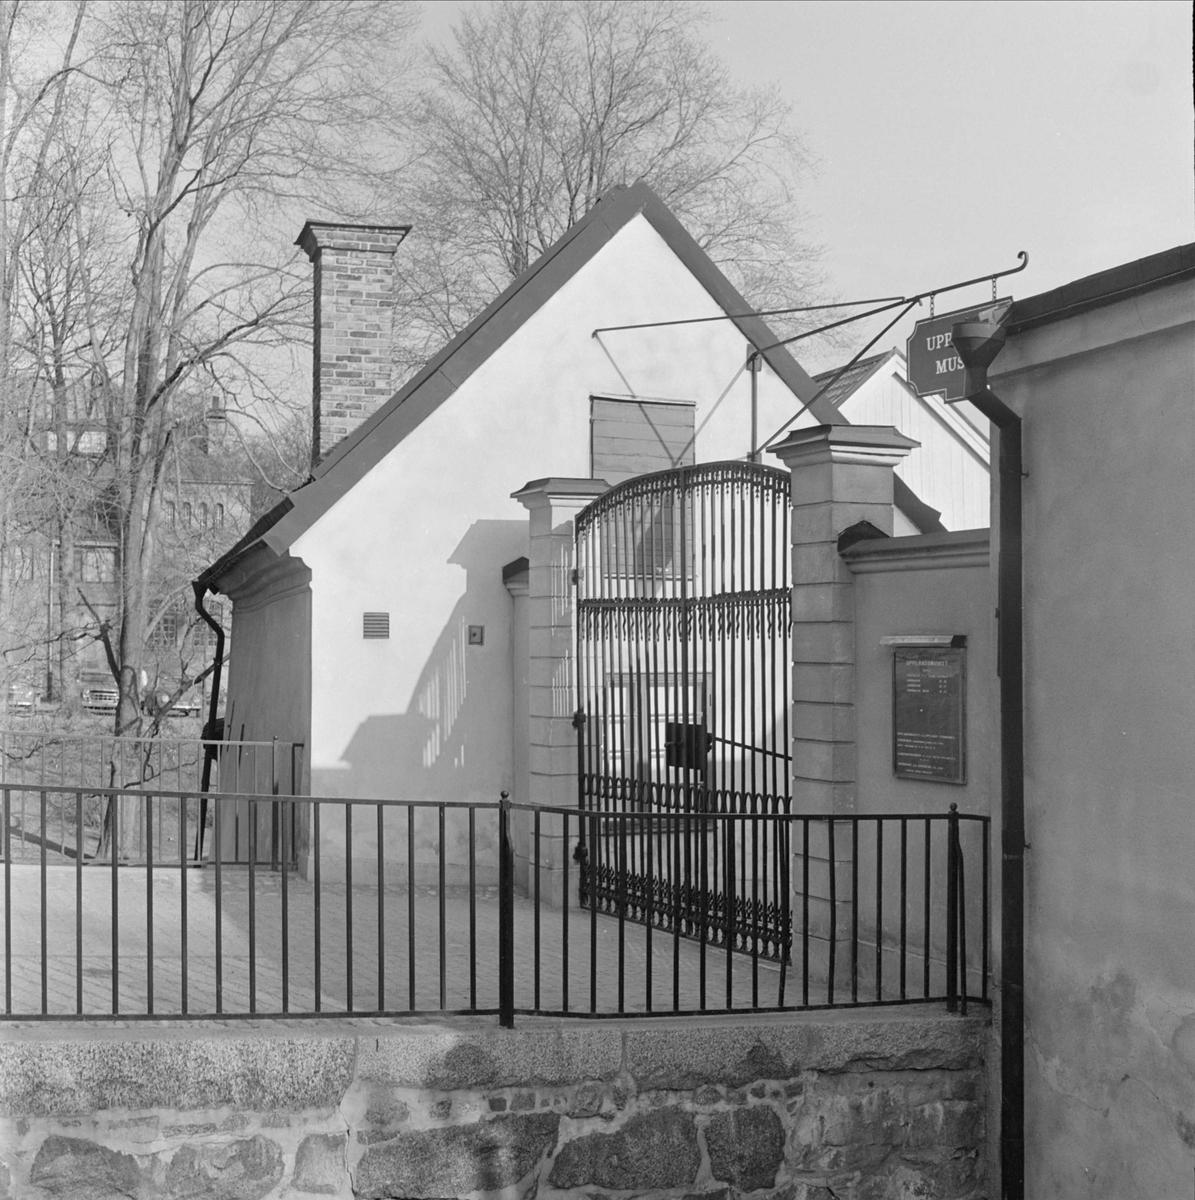 Ingången till Upplandsmuseets gårdsplan, kvarteret Holmen, stadsdelen Fjärdingen, Uppsala 1967